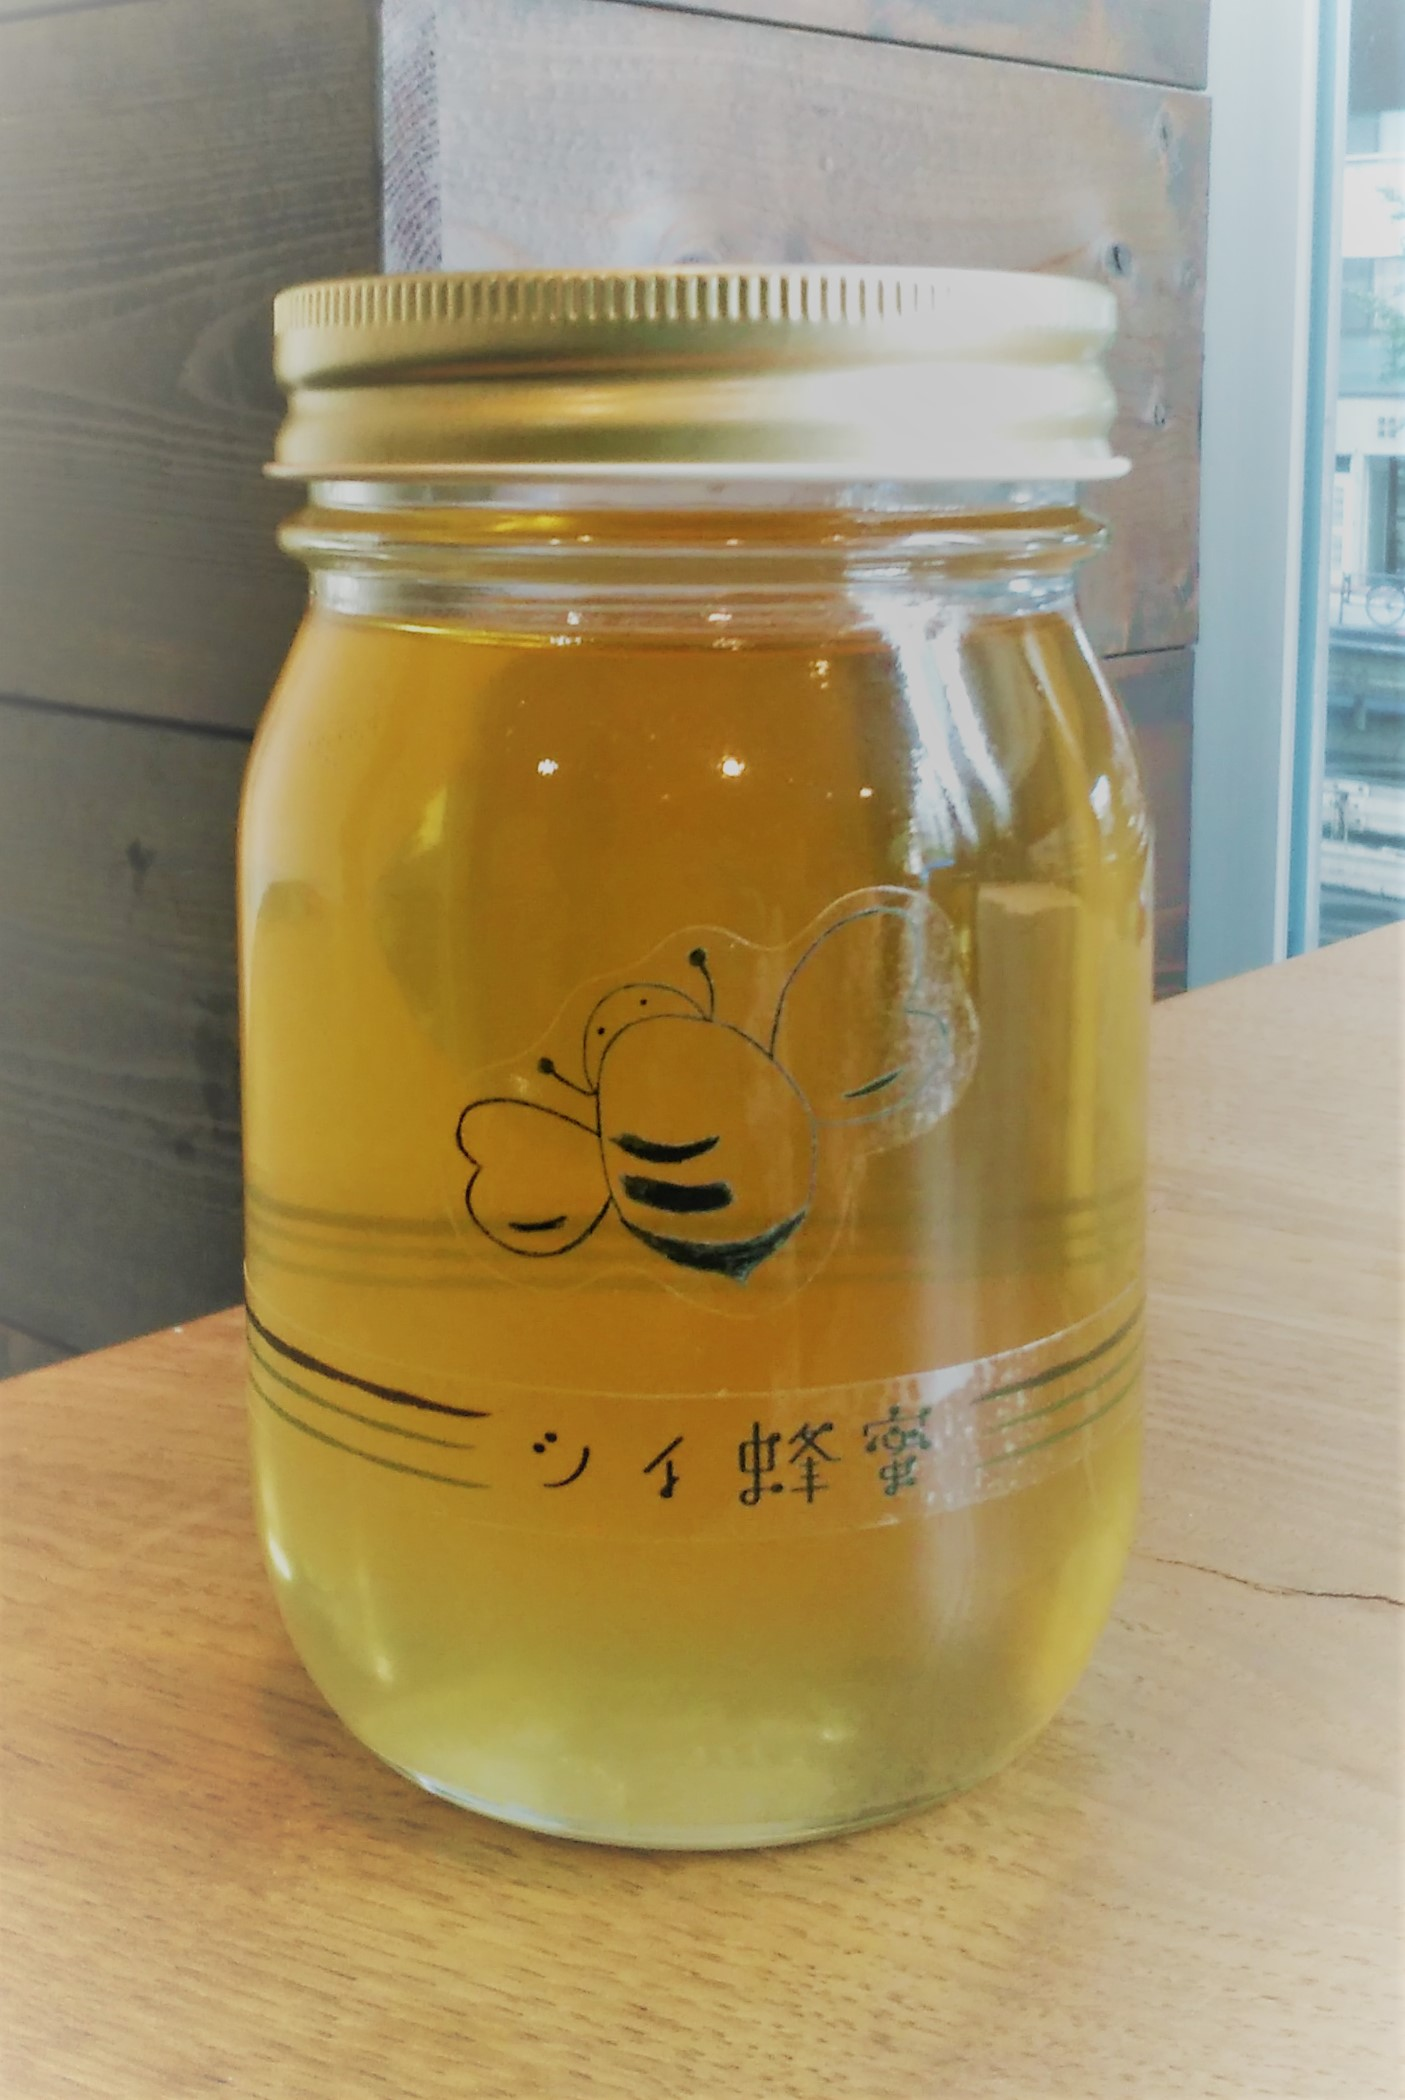 藤沢産 シイ蜂蜜500g画像